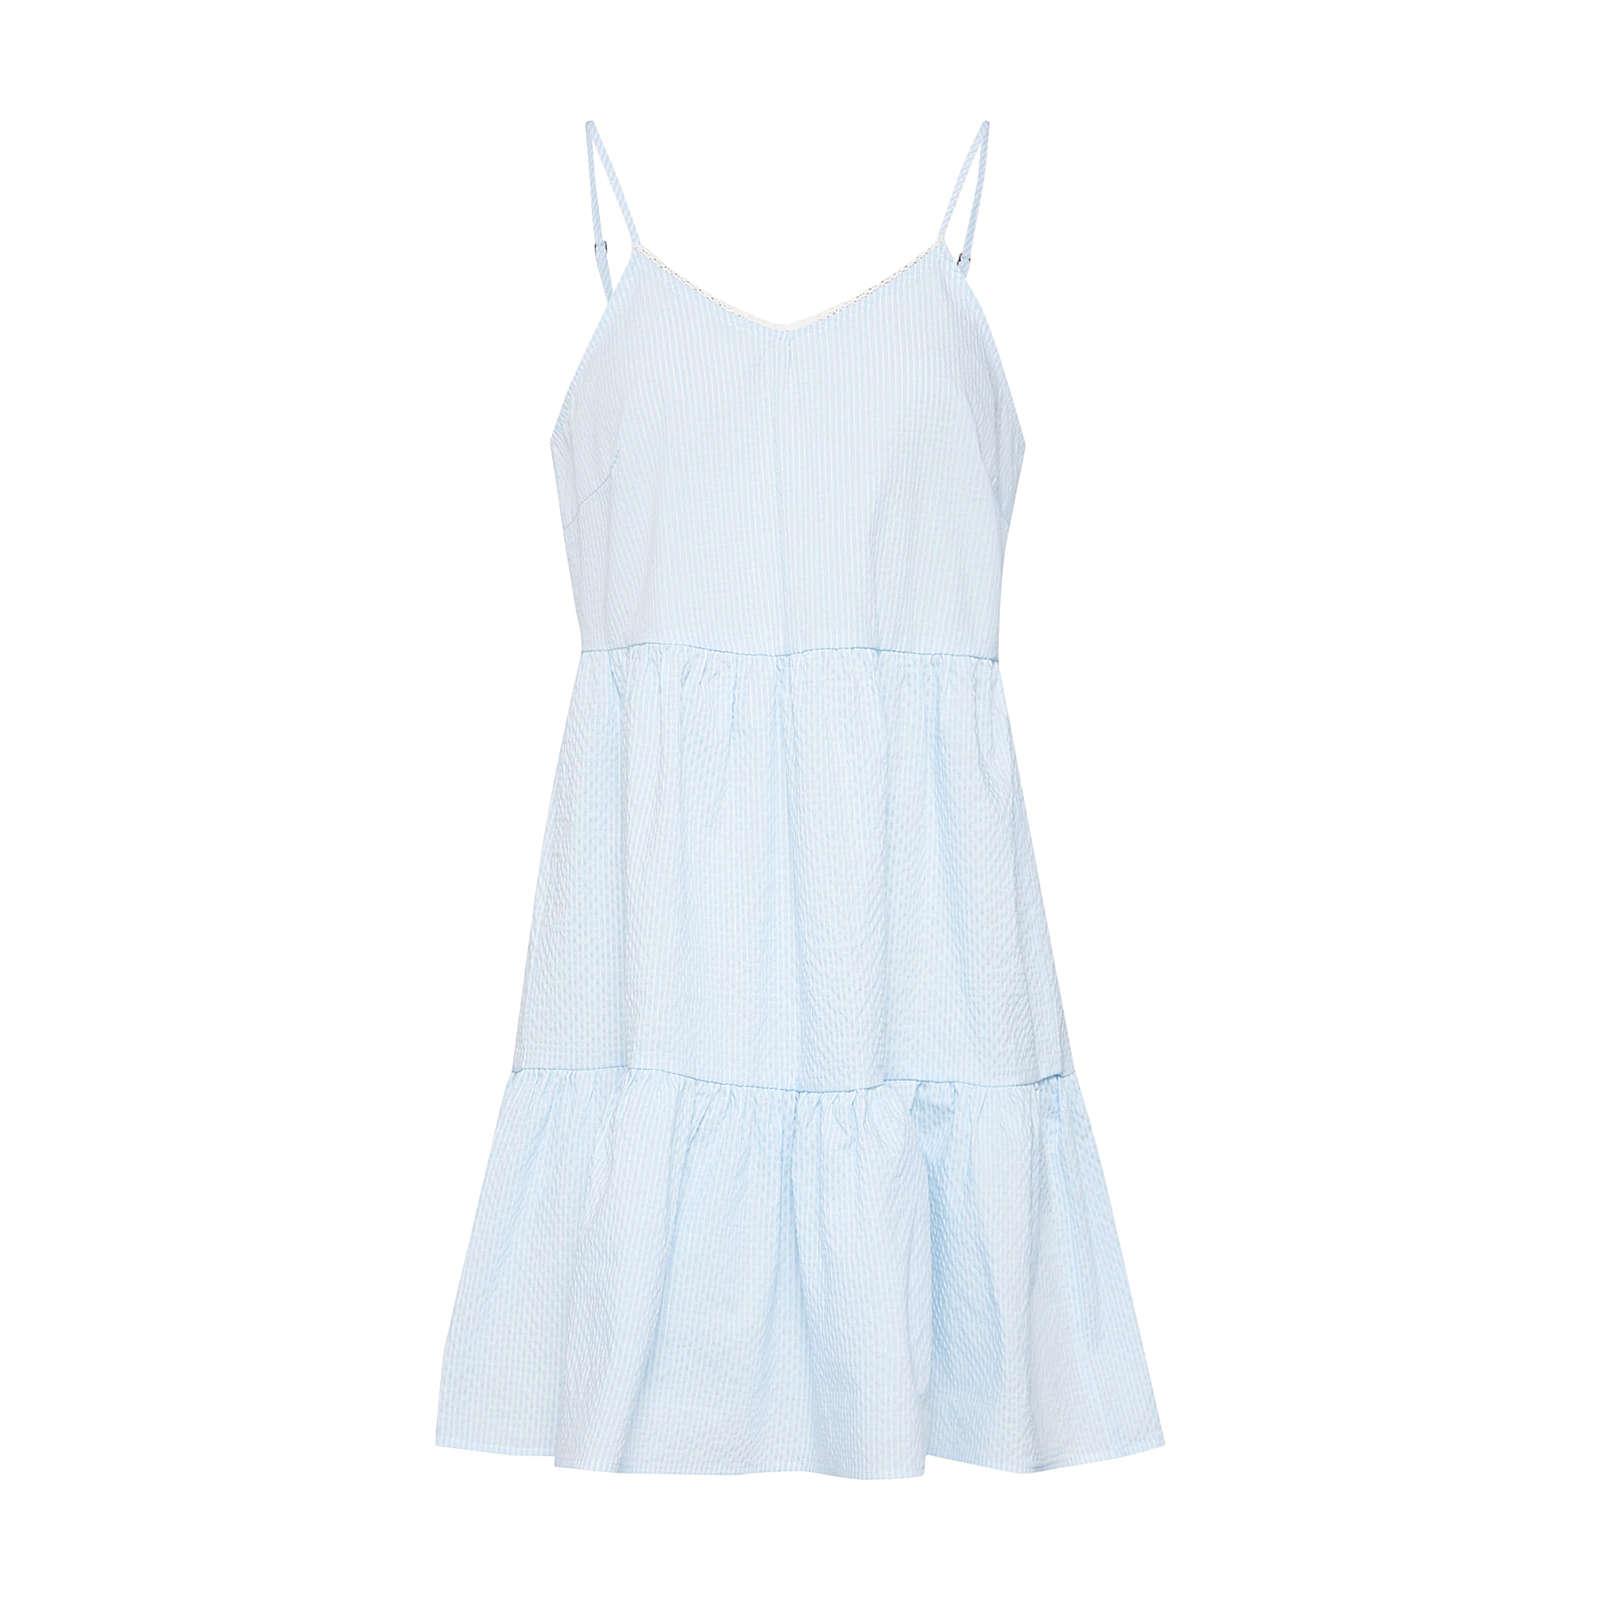 VERO MODA Sommerkleid VMJANE ABK SINGLET DRESS Sommerkleider weiß Damen Gr. 36